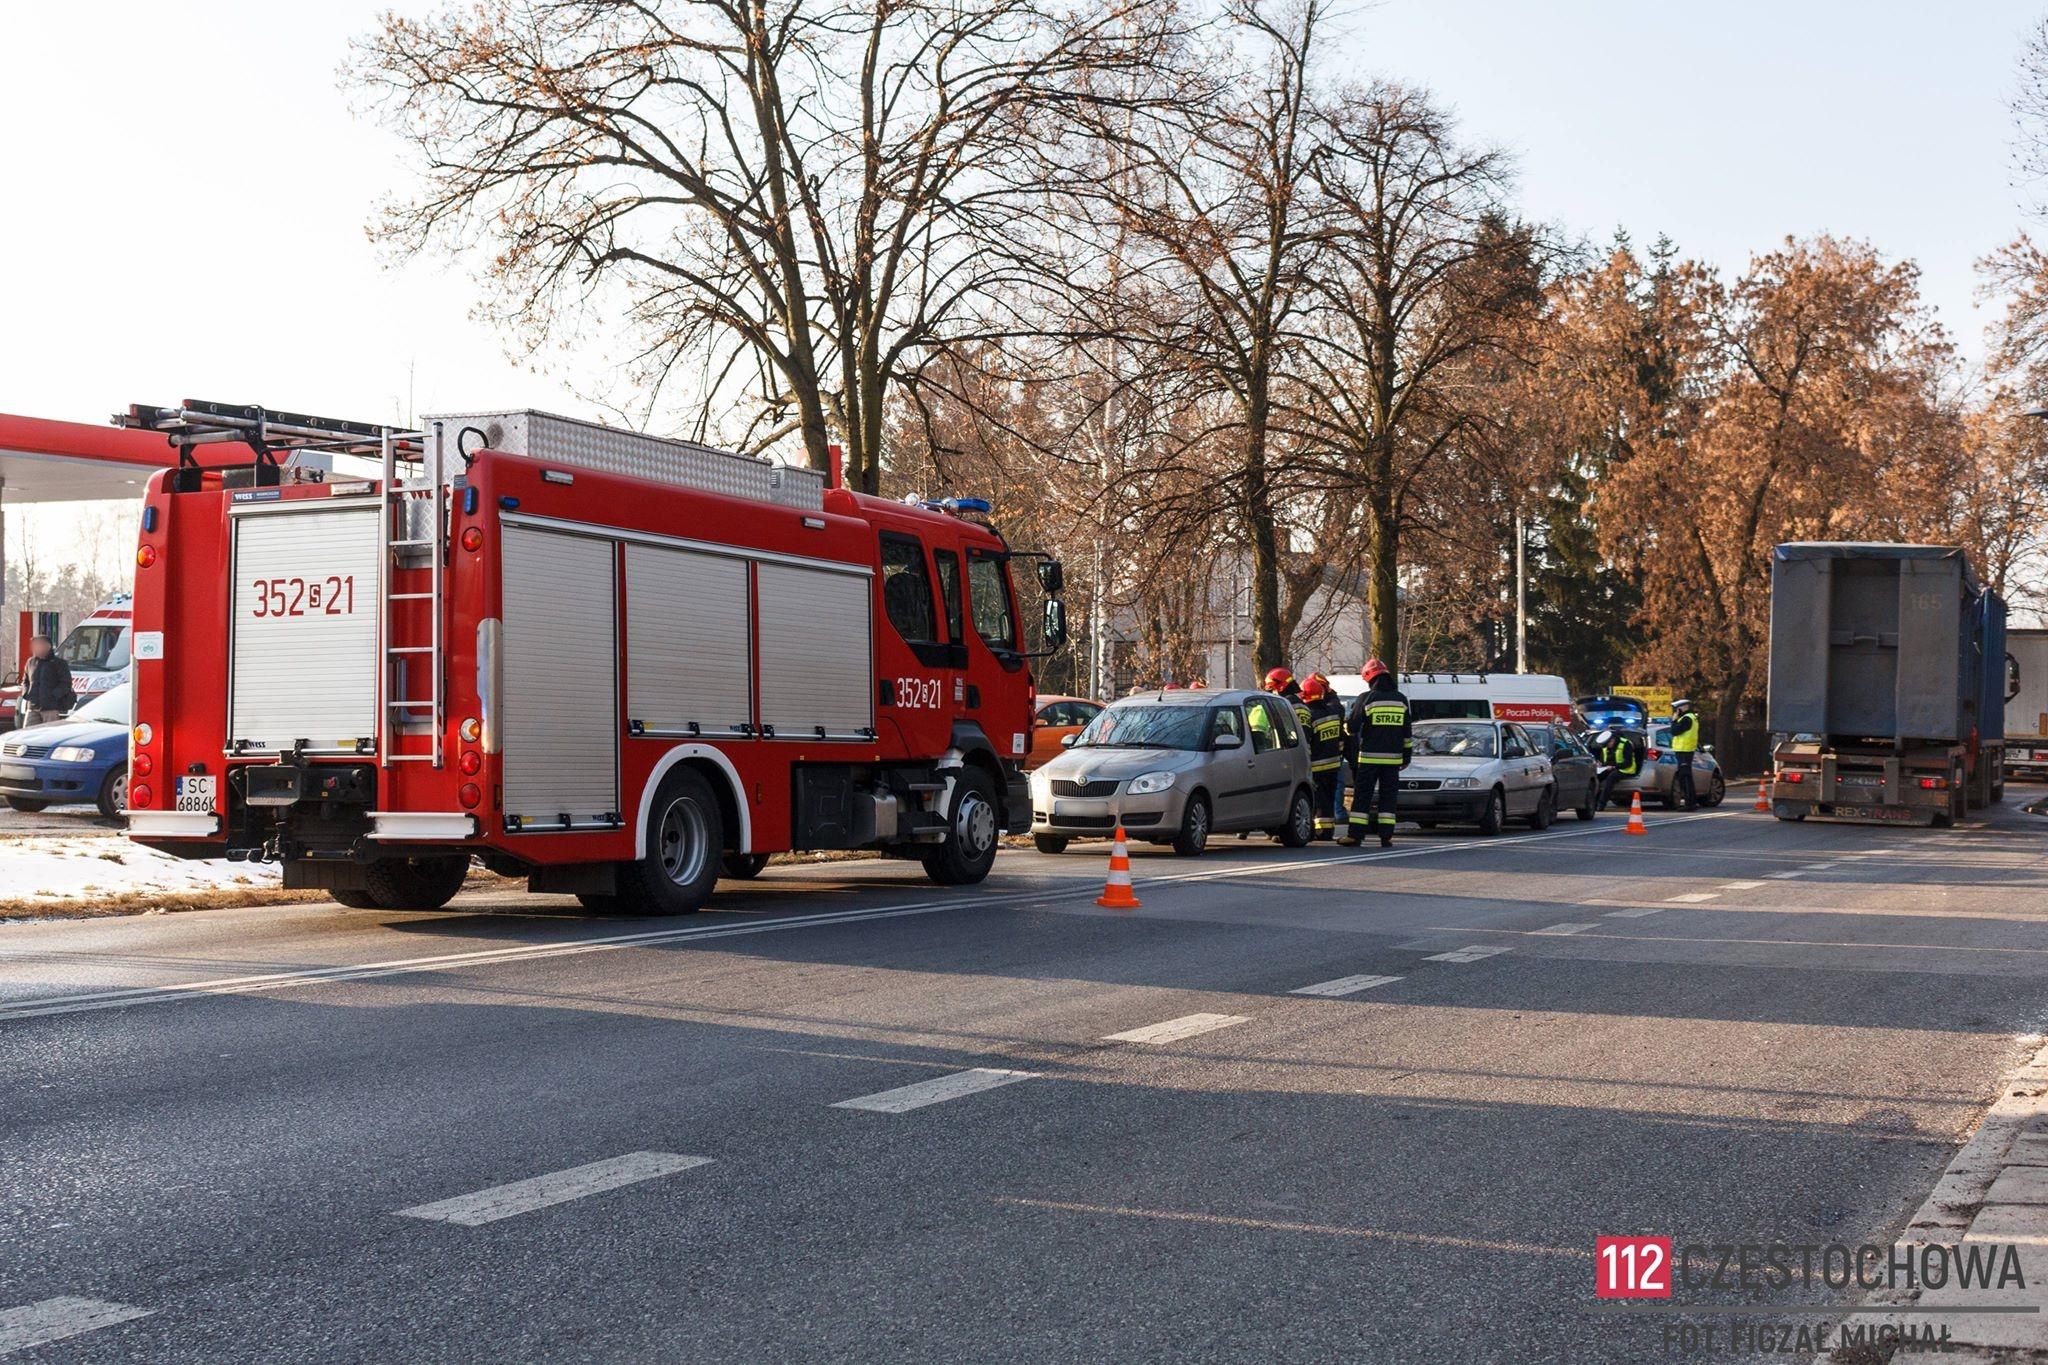 specjalne wyprzedaże kup sprzedaż spotykać się 112Częstochowa » Wypadek drogowy na ul. św. Rocha. Zderzyły ...